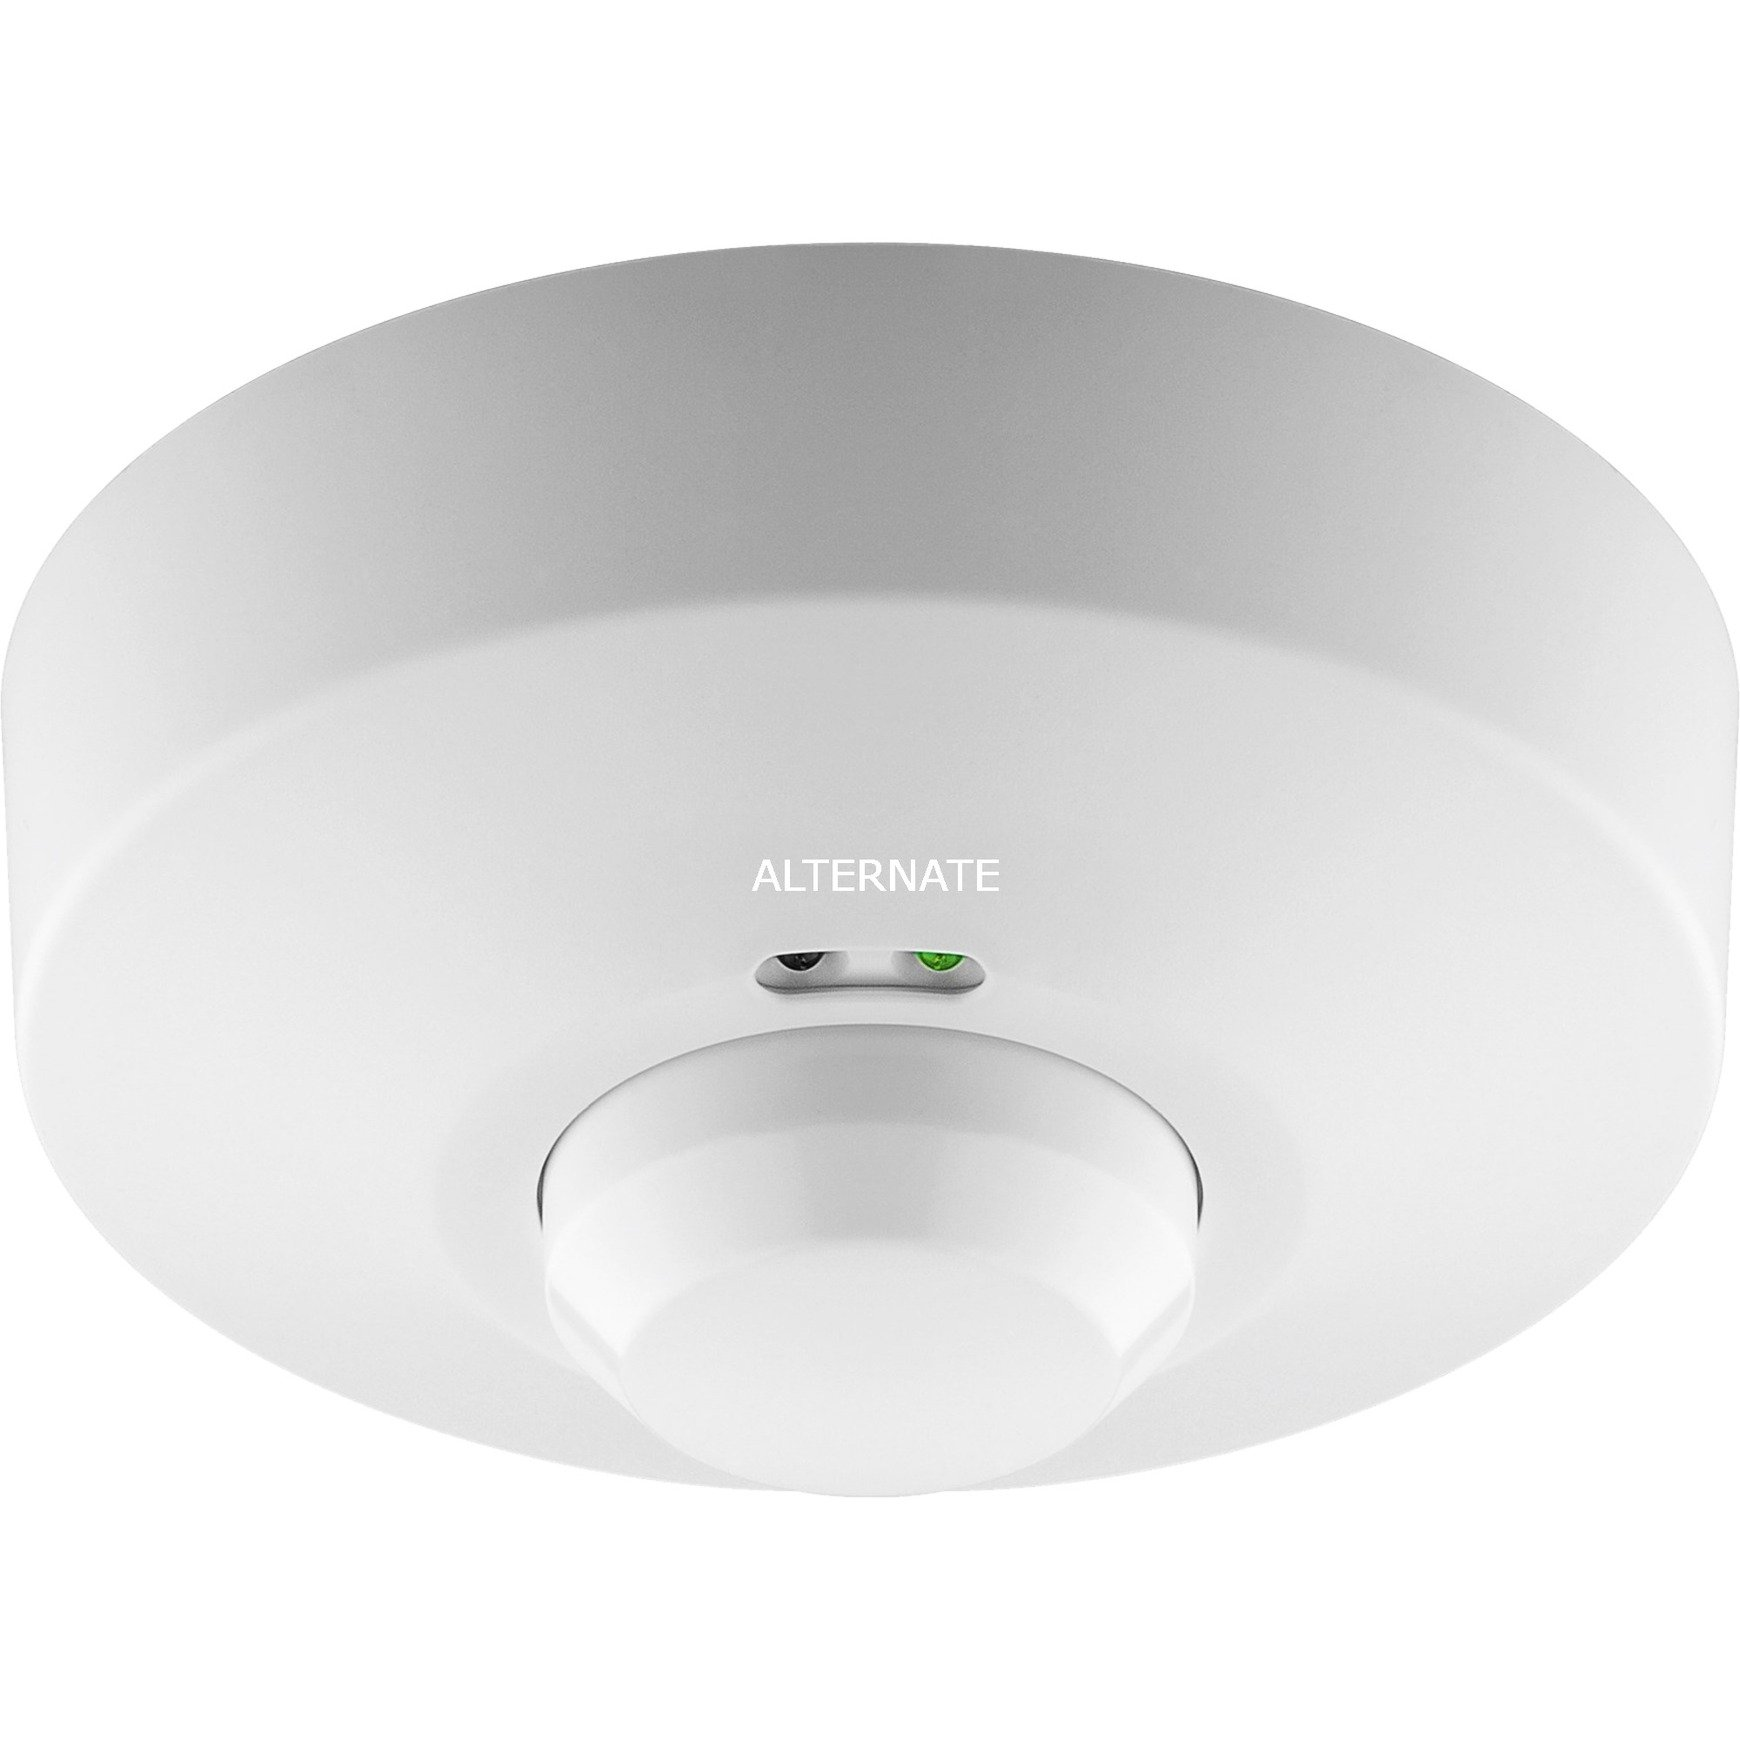 Outdoor sensor de movimiento 16 led lampara precios - Detector de movimiento ...